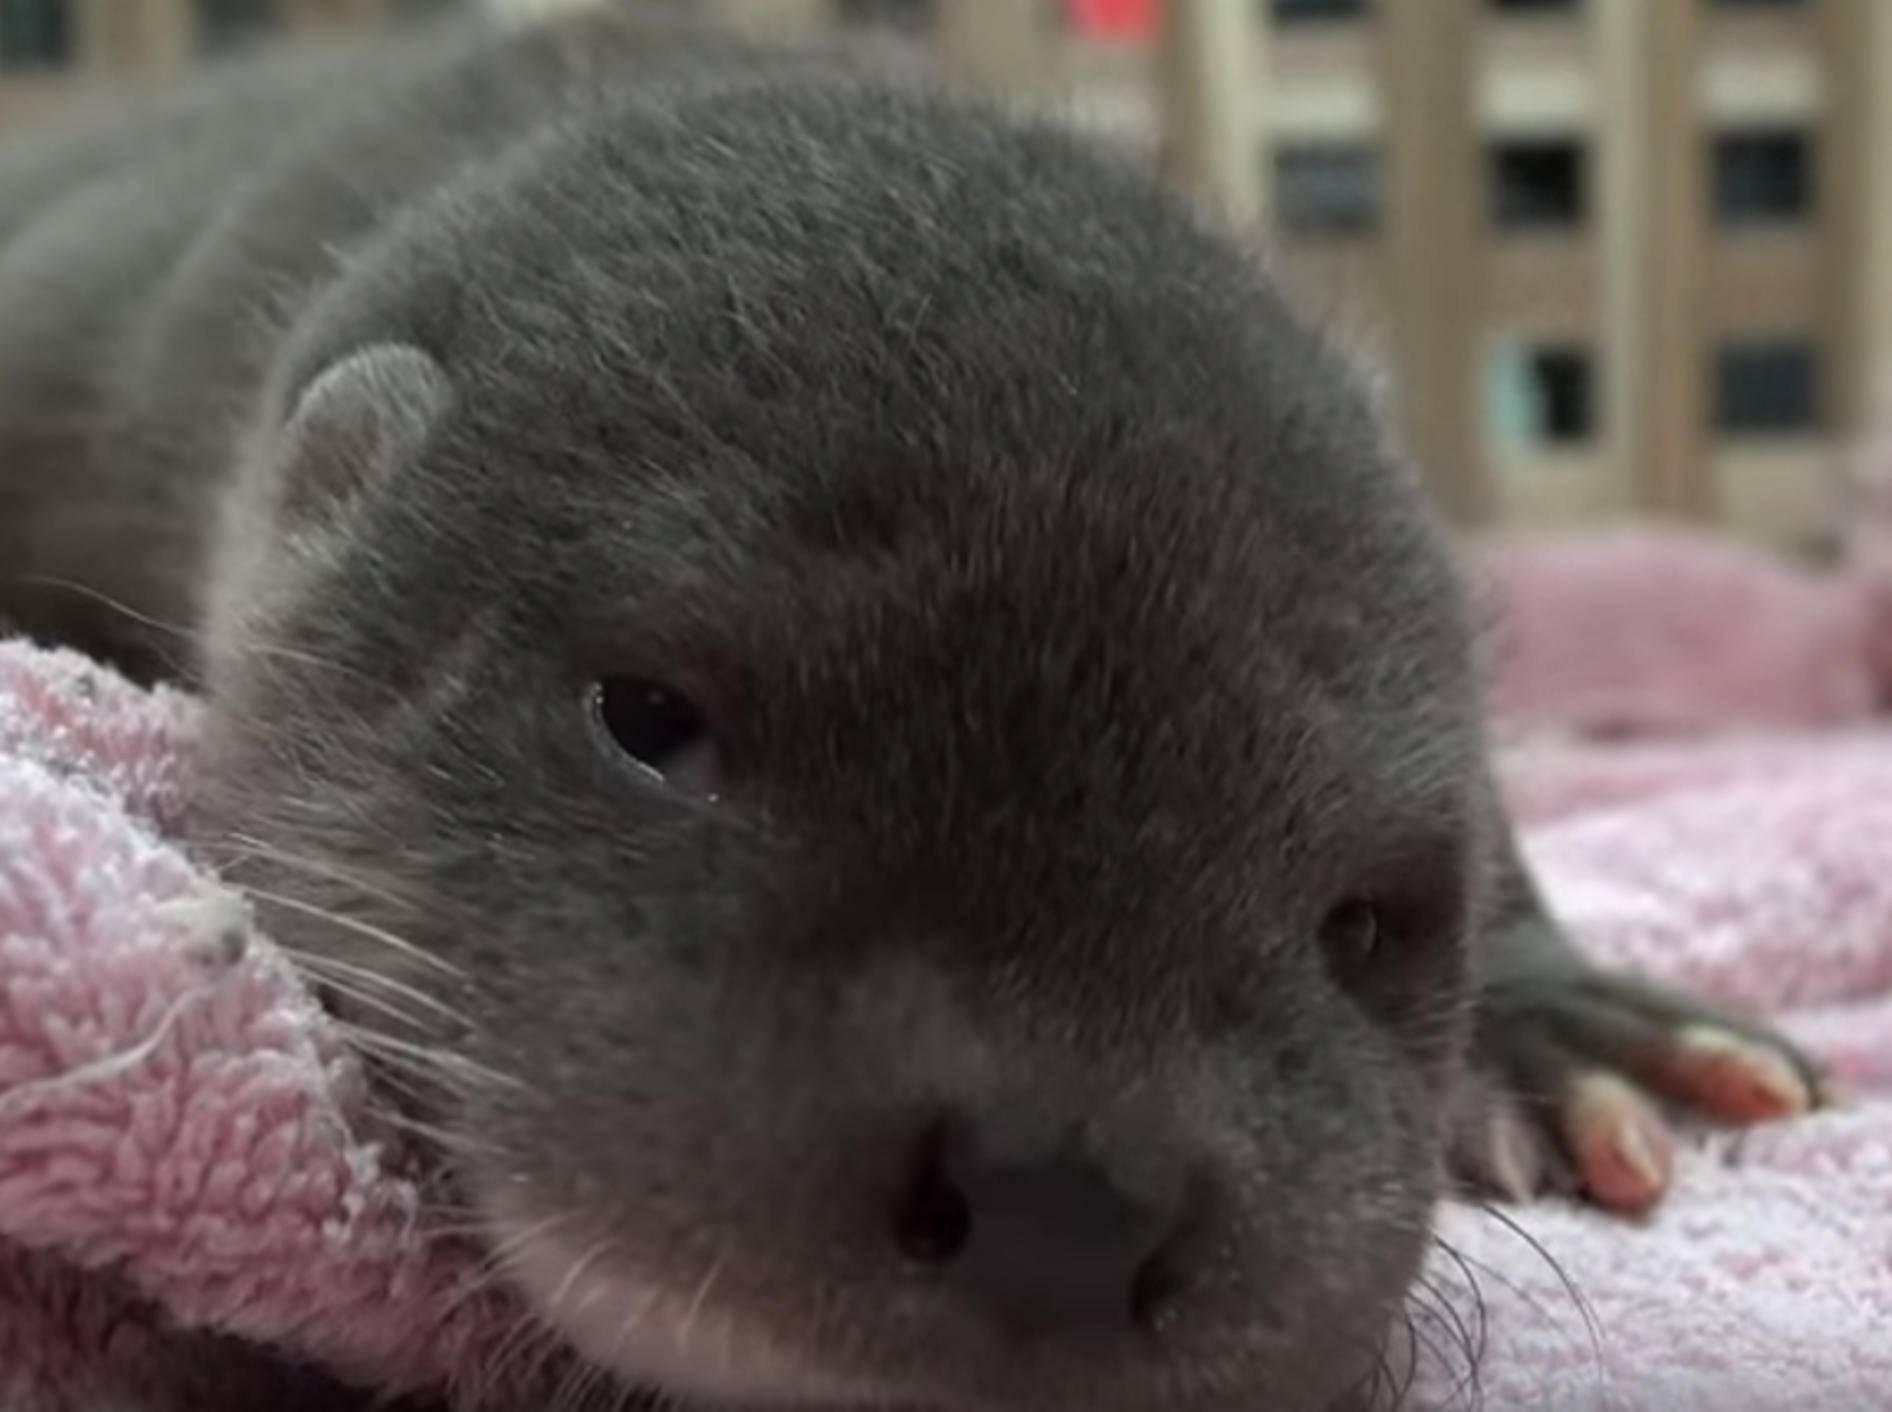 Herzige Otterbabys im Taipei Zoo – Bild: YouTube / 臺北市立動物園